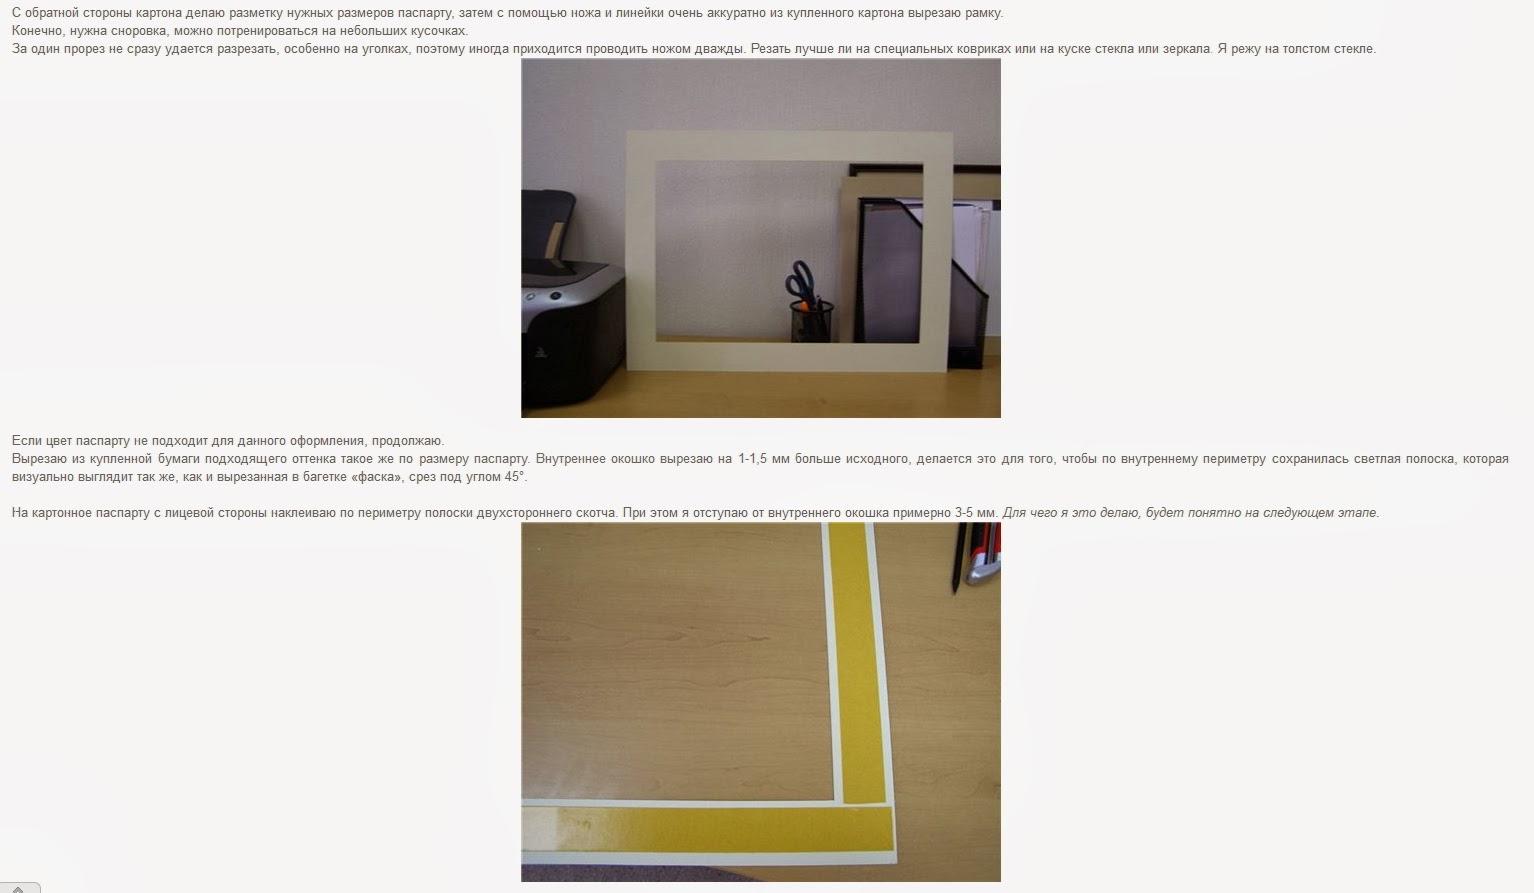 Как установить скрытую камеру дома